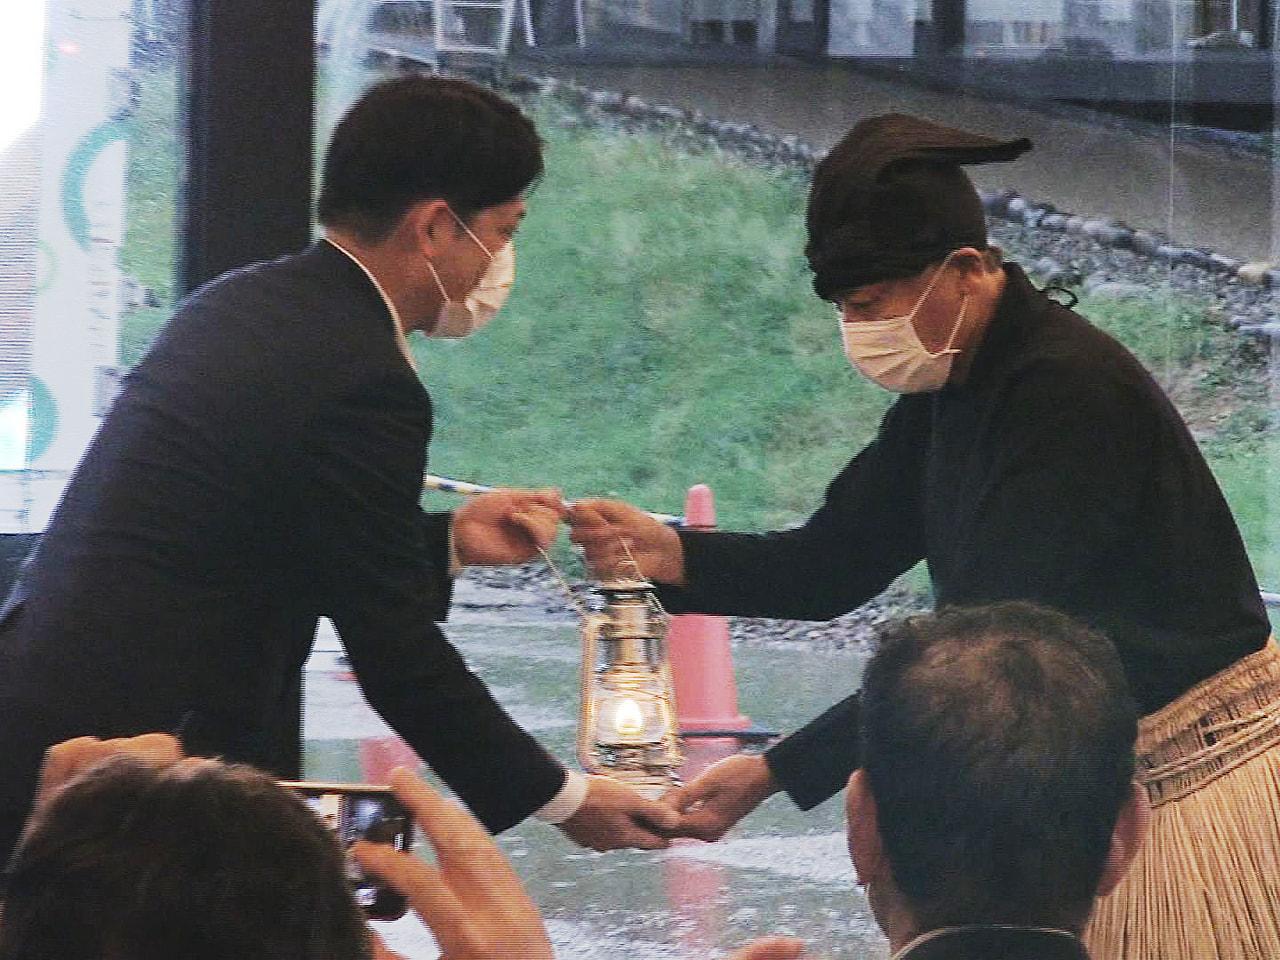 8月24日に開幕する東京パラリンピックに全国から聖火が集められる中、岐阜市では鵜...